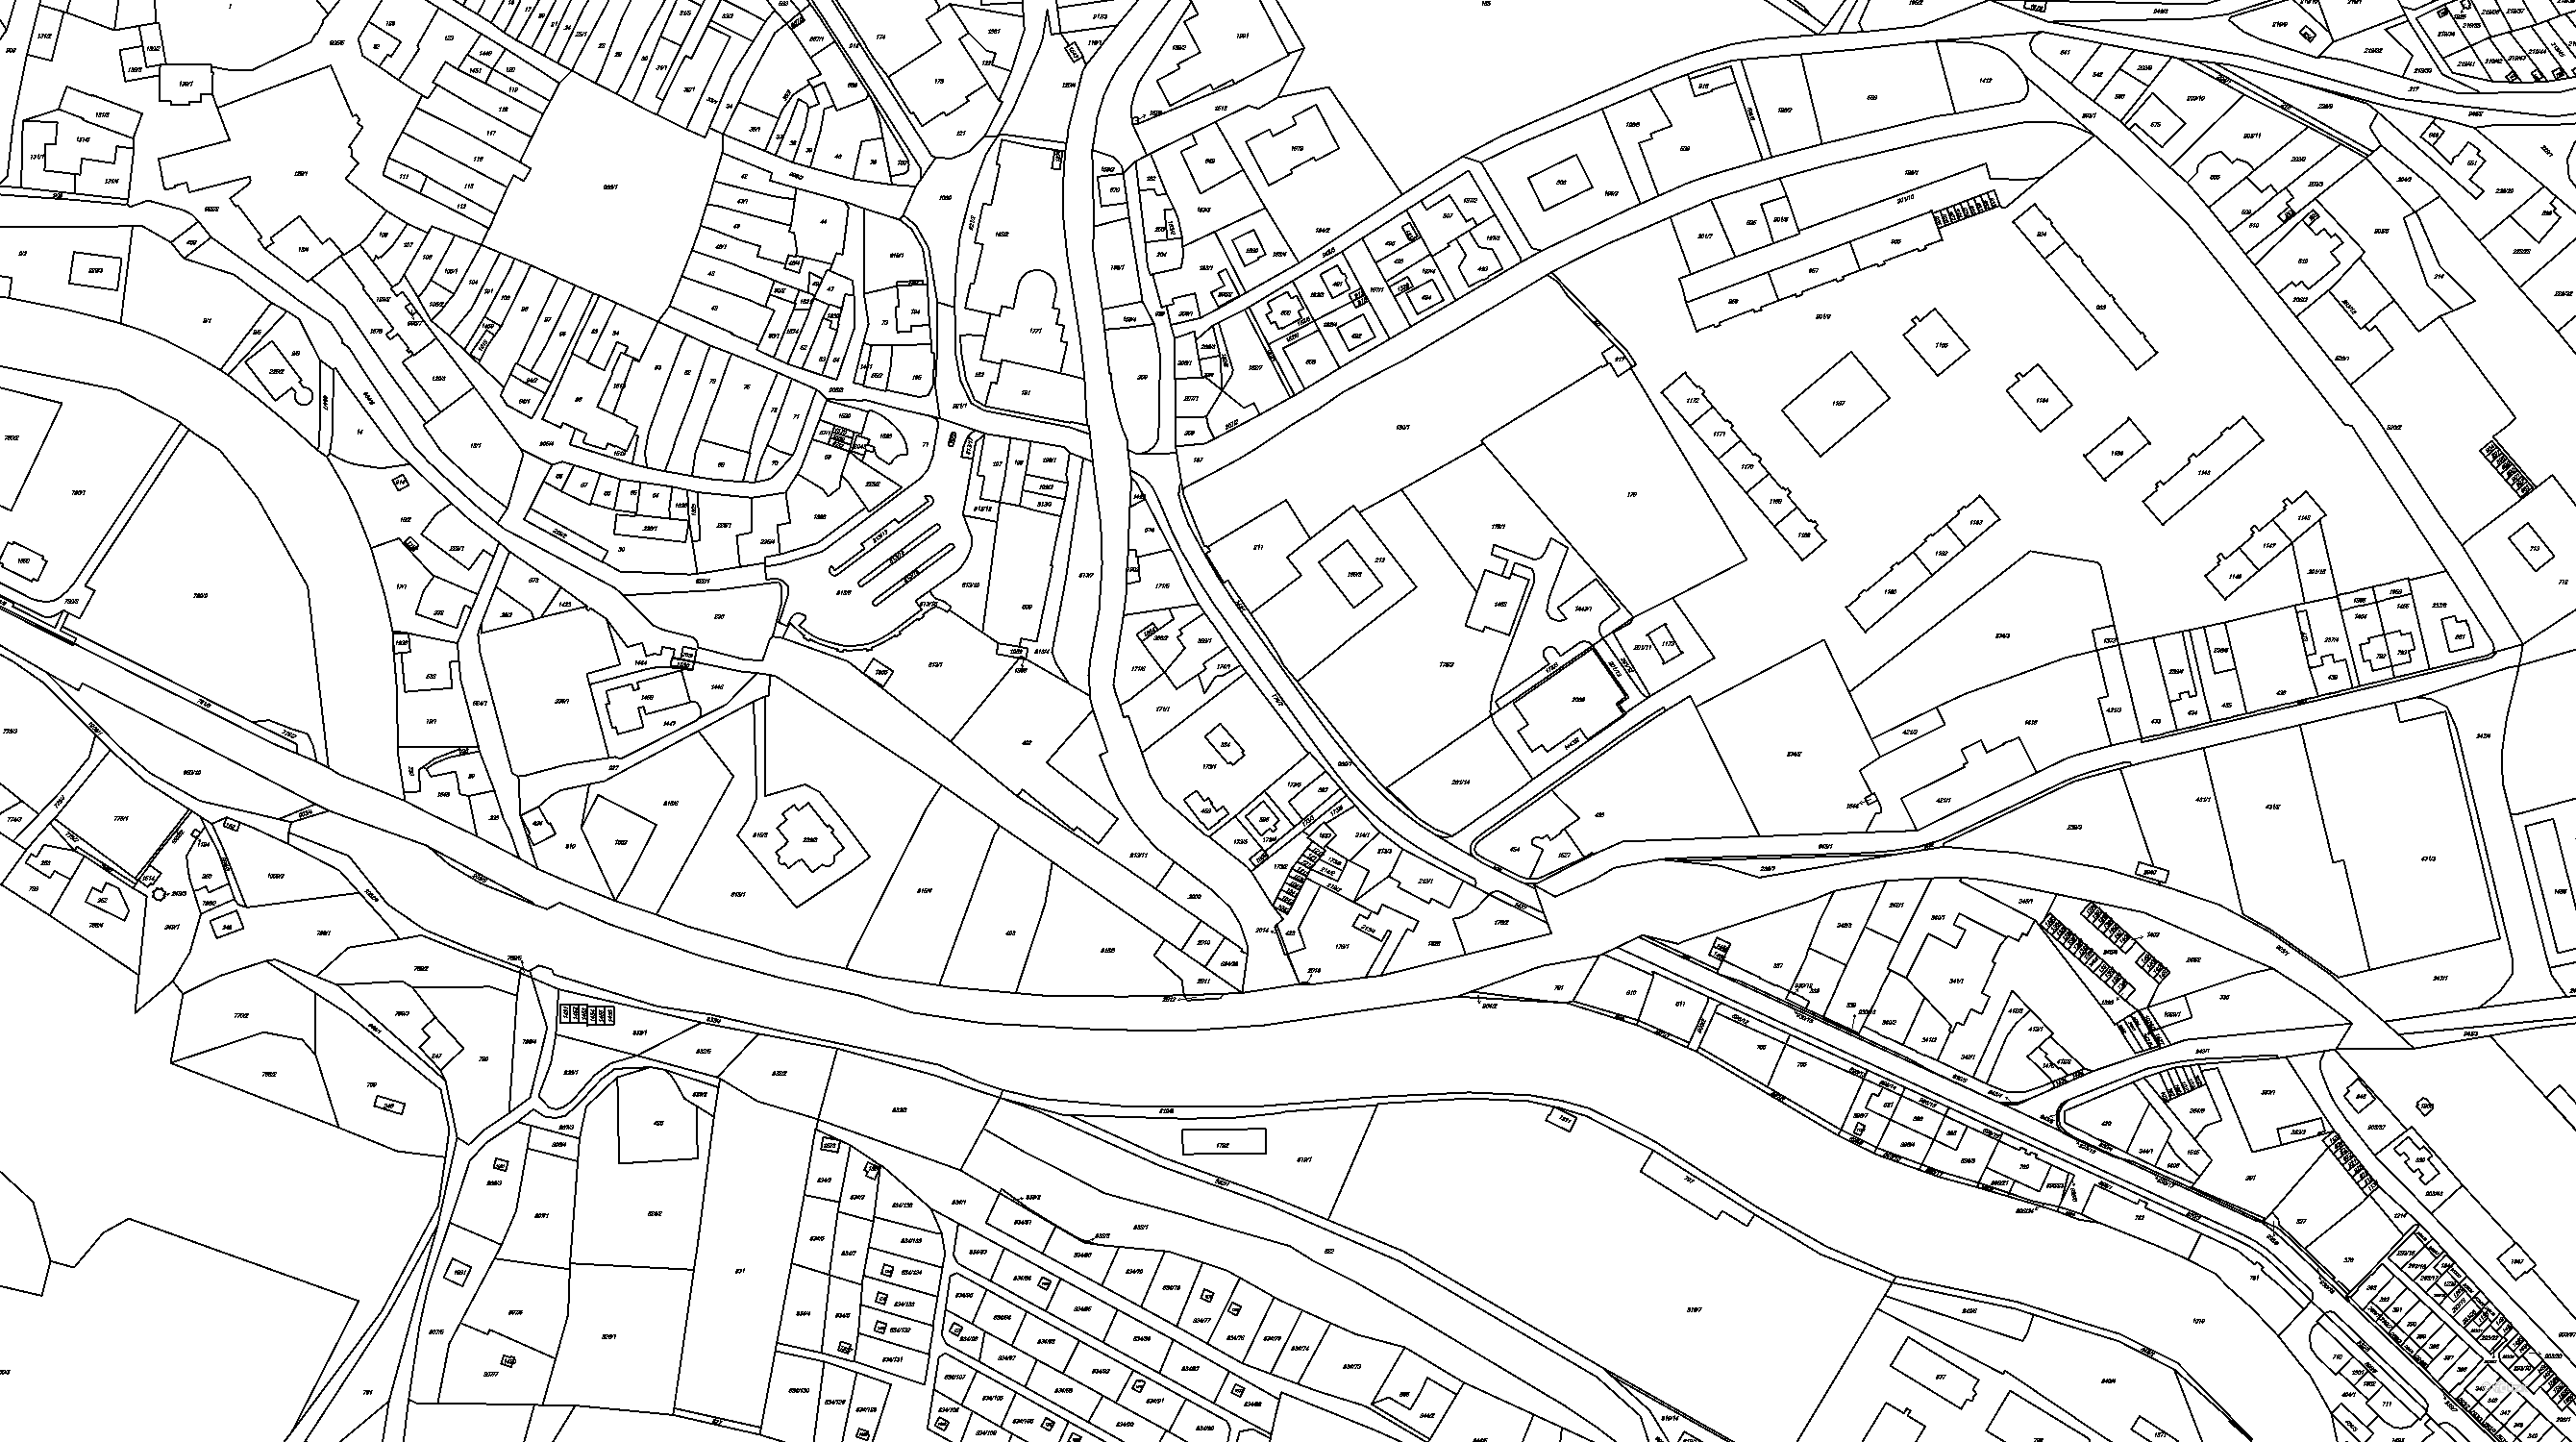 Katastrální mapa pozemků a čísla parcel Hostinné